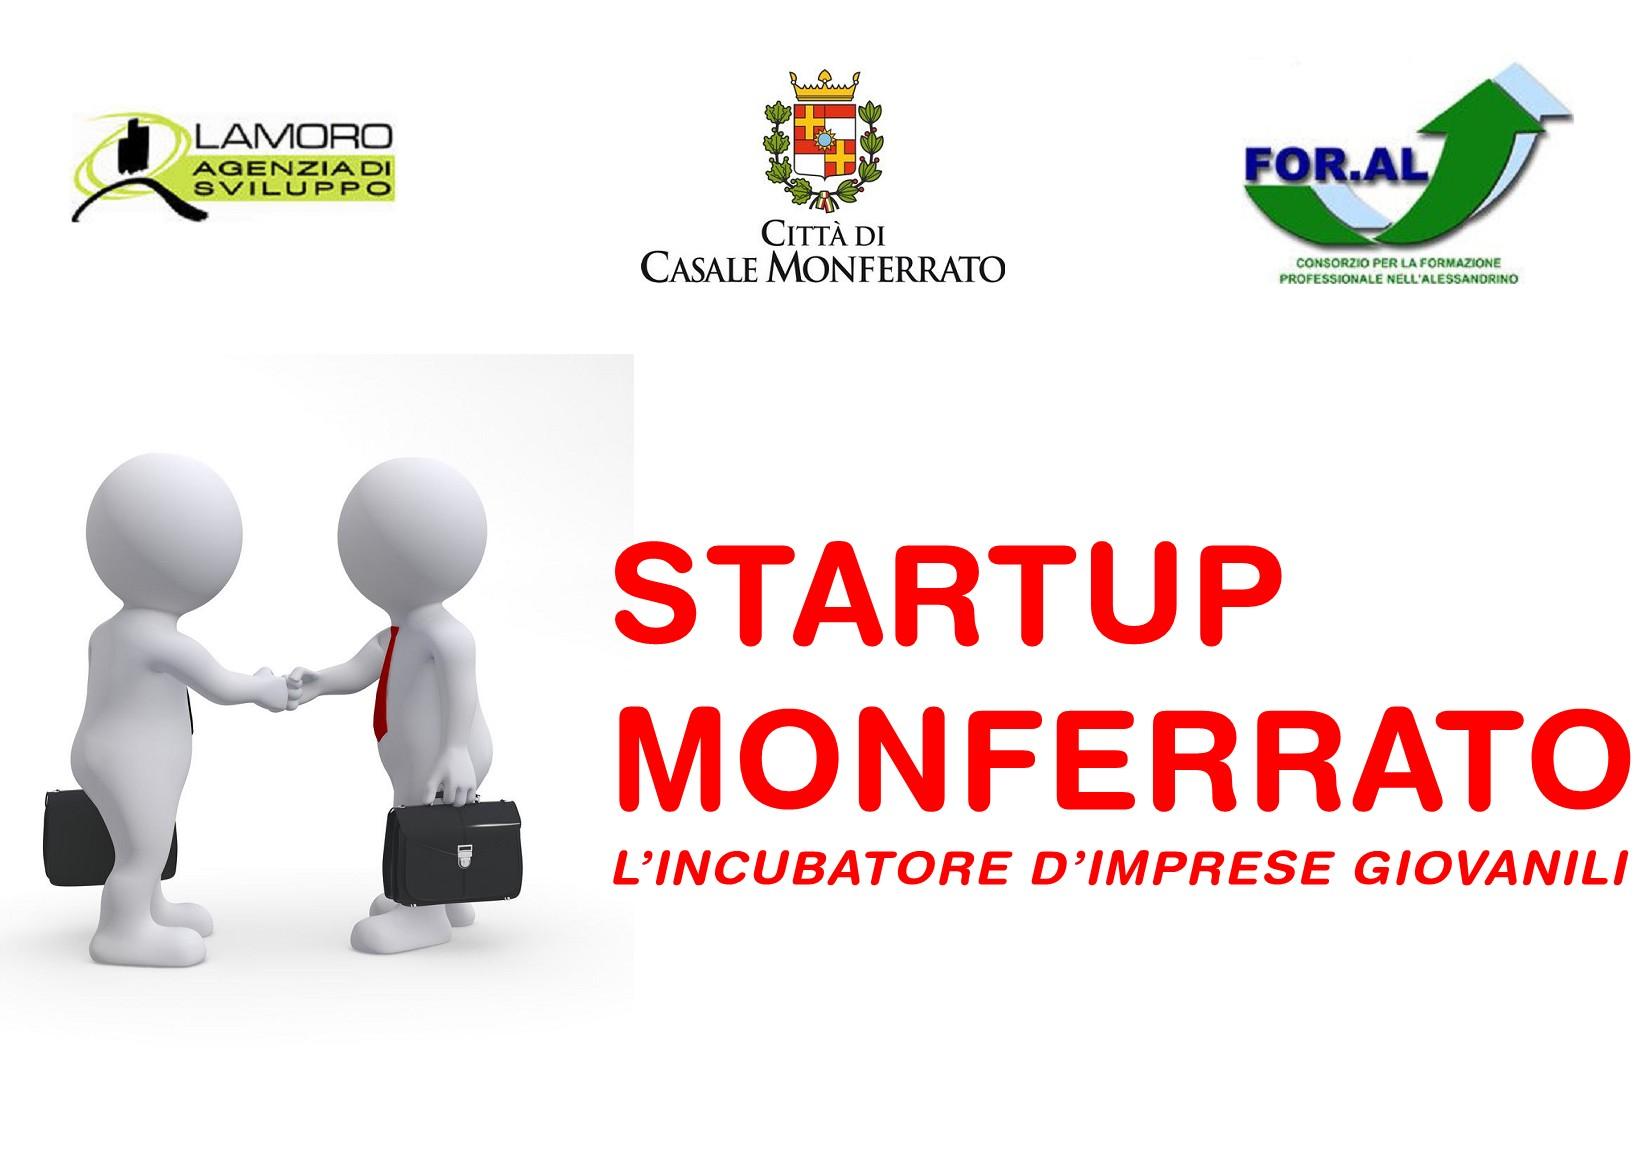 Startup Monferrato